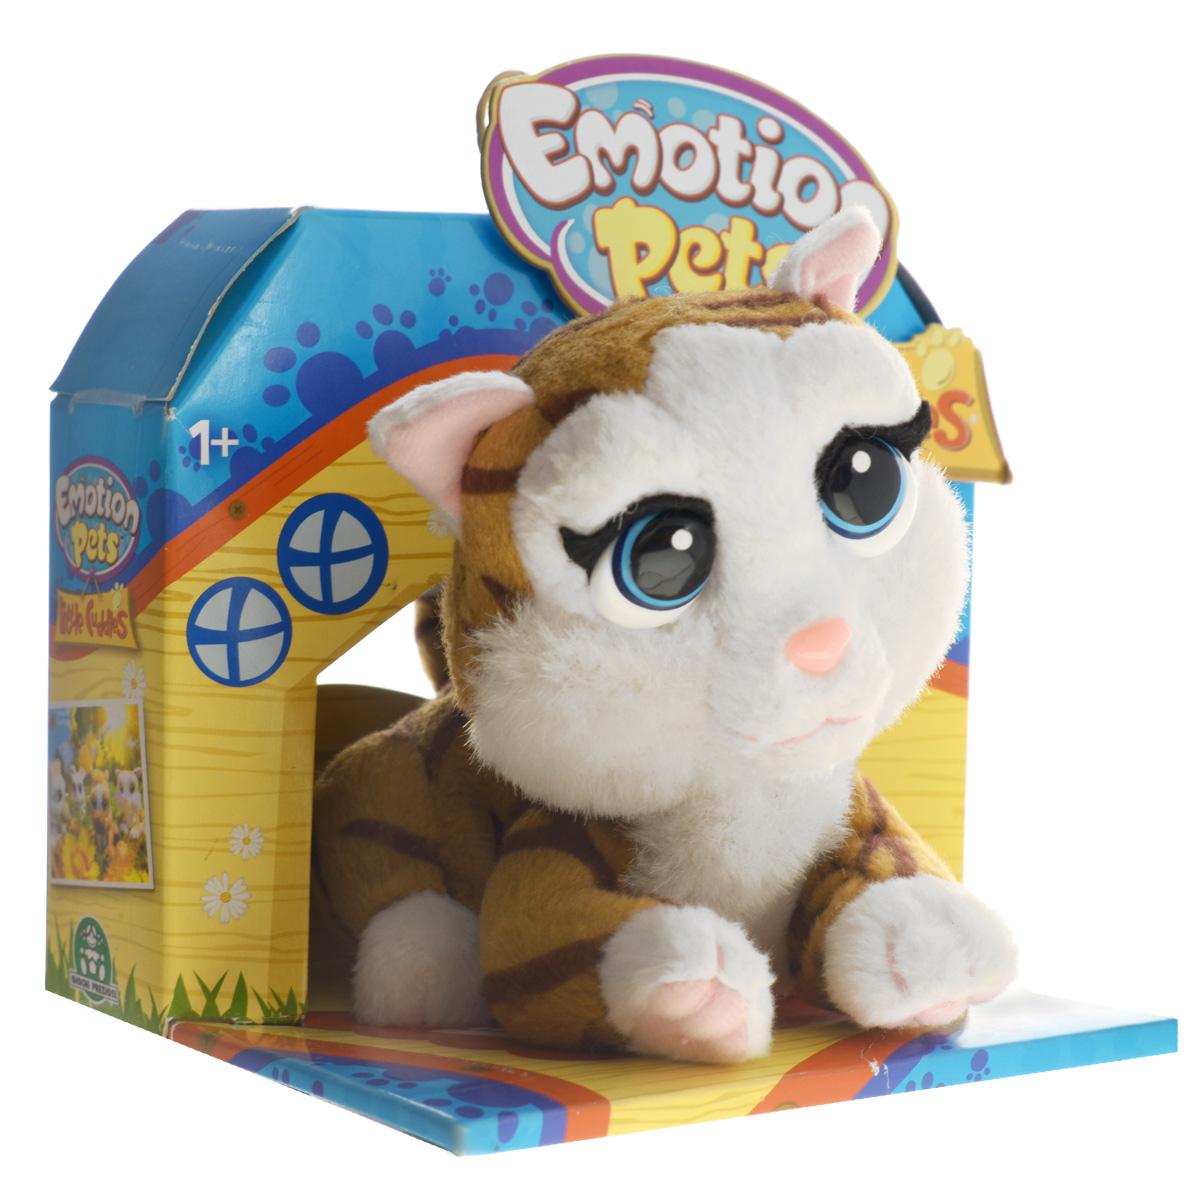 Анимированная игрушка Emotion Pets Little CherryGPH30277/1114119Анимированная игрушка Emotion Pets Little Cherry приведет в восторг вашего малыша. Приятная на ощупь игрушка выполнена в виде очаровательного котенка с пластиковыми глазками. При нажатии на кнопку на его спинке он виляет хвостиком, кивает головкой и поднимает одну лапку. Игрушка принесет ребенку много радости и станет верным другом на долгое время. Рекомендуется докупить 1 батарейку напряжением 1,5V типа АА (товар комплектуется демонстрационной).